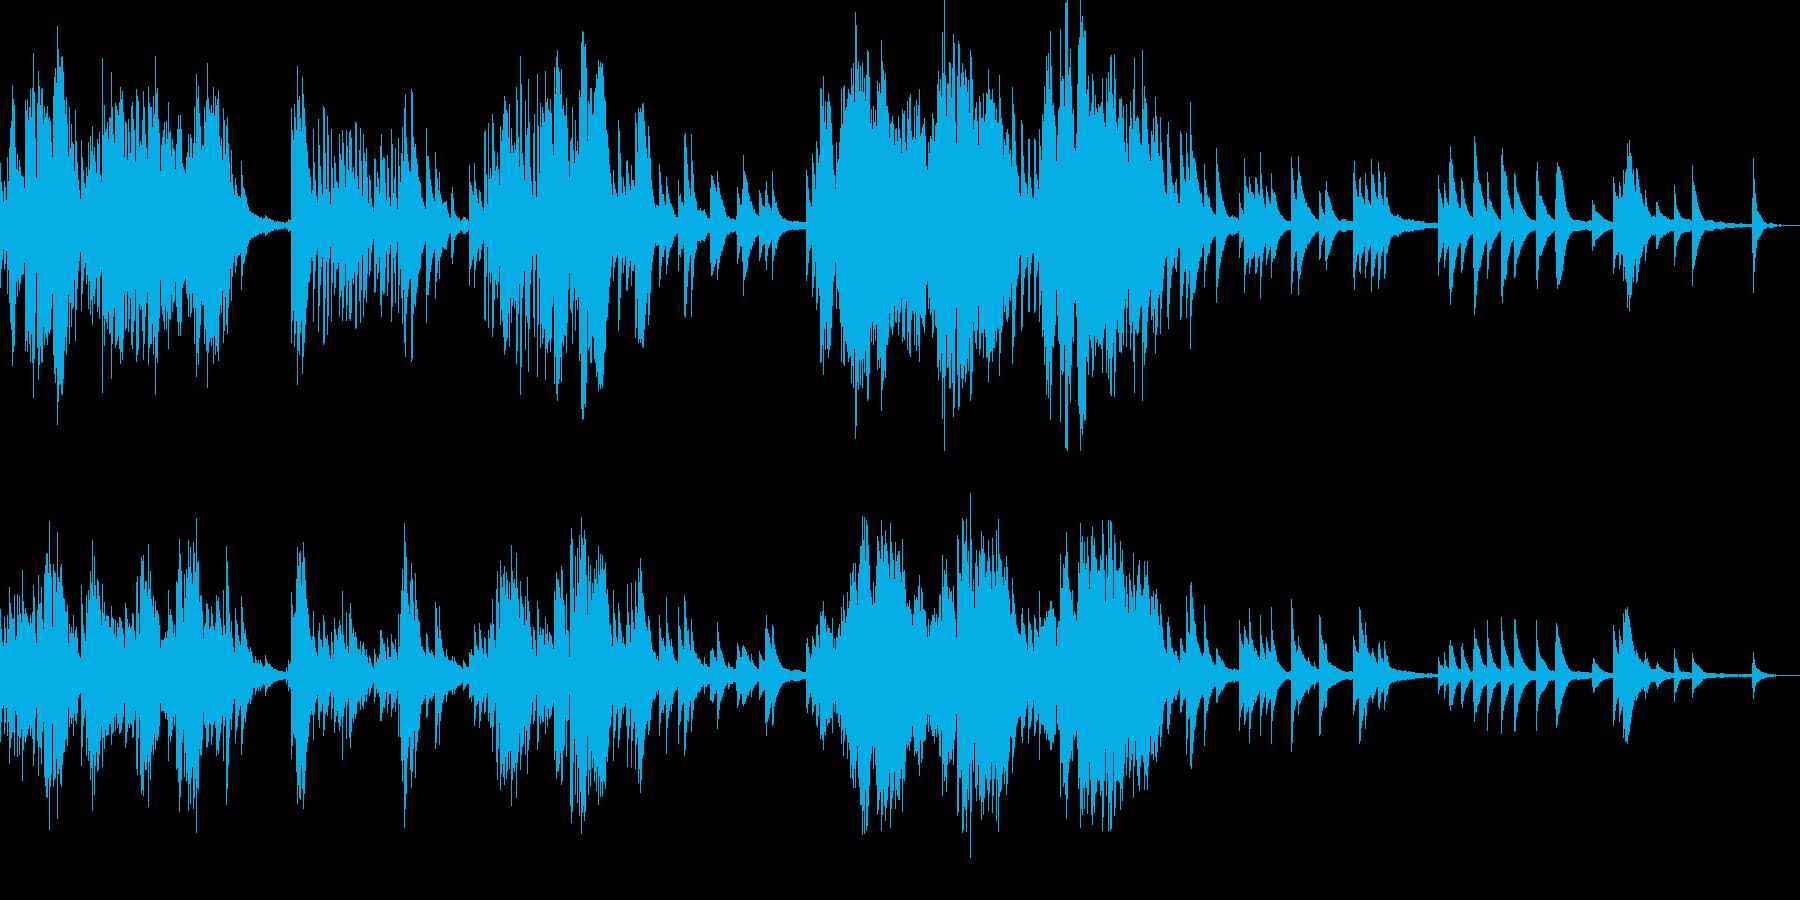 切なく情熱的な雰囲気のピアノサウンドの再生済みの波形